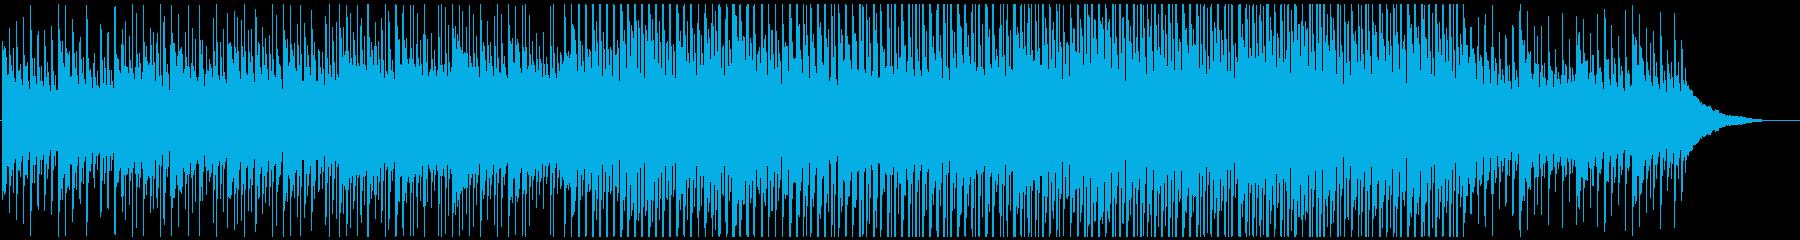 ピアノの静かなる高揚感の再生済みの波形